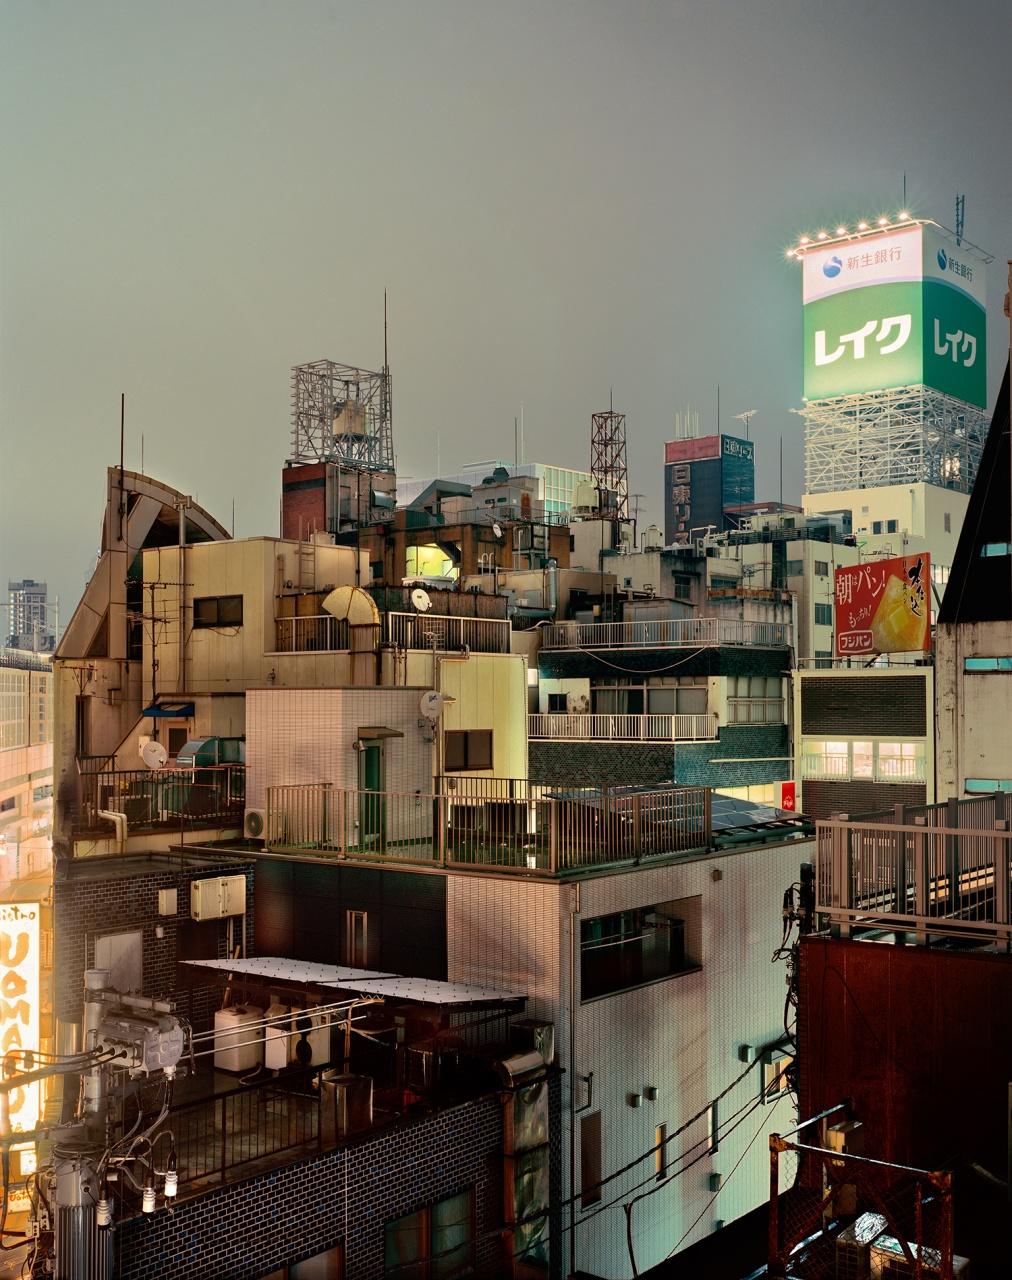 Kanda, Tokyo